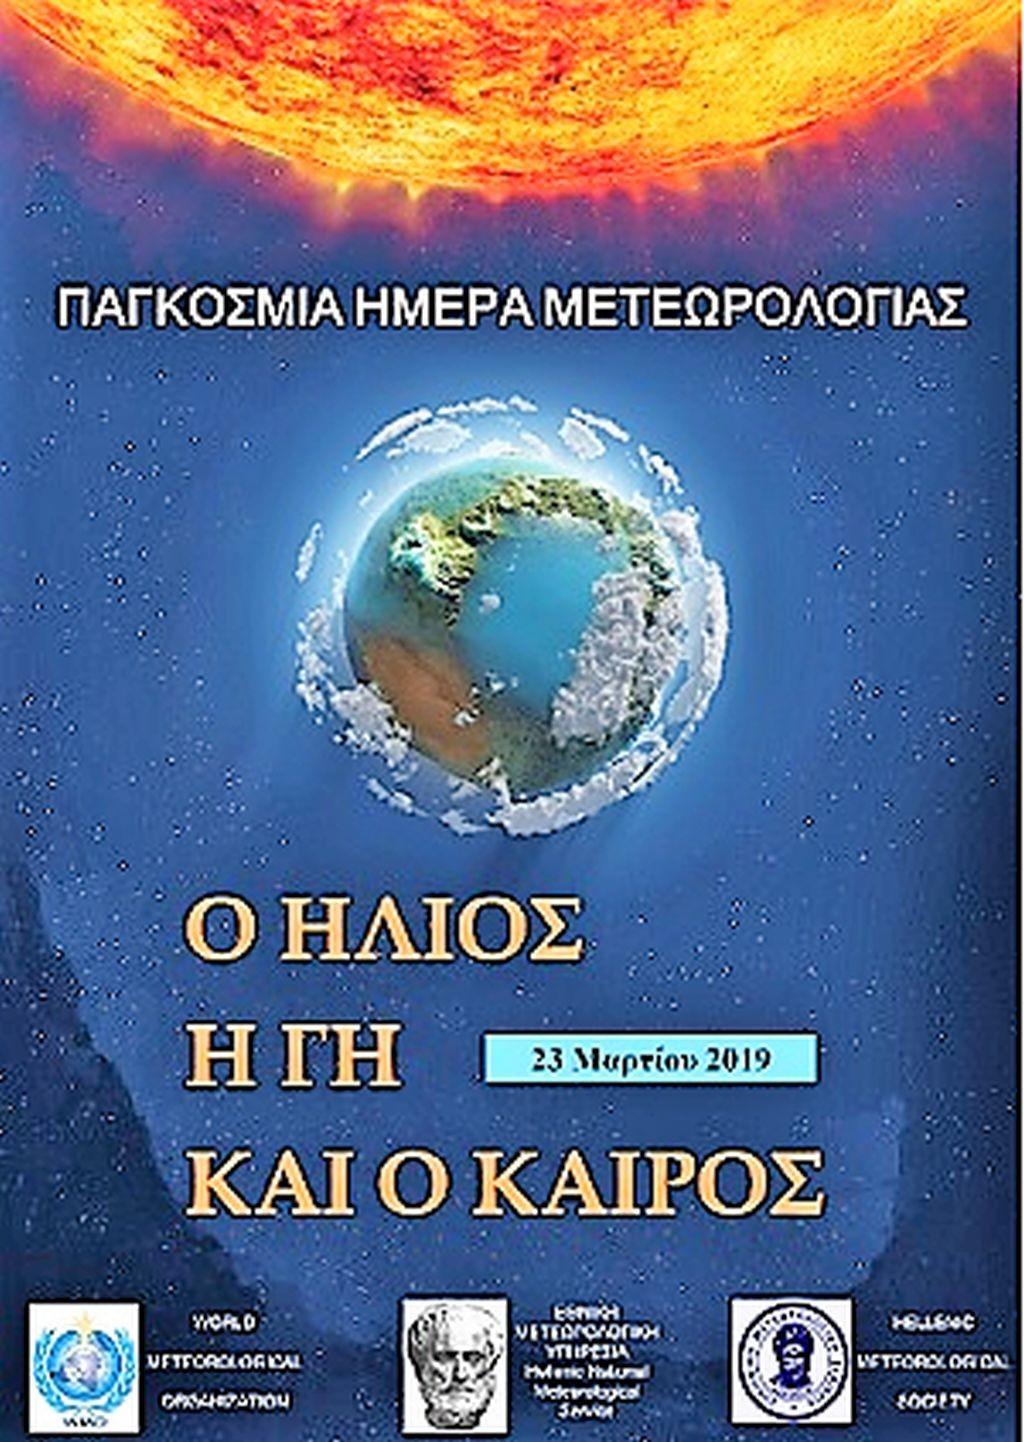 pagkosmia-imera-meteorologias3.jpg